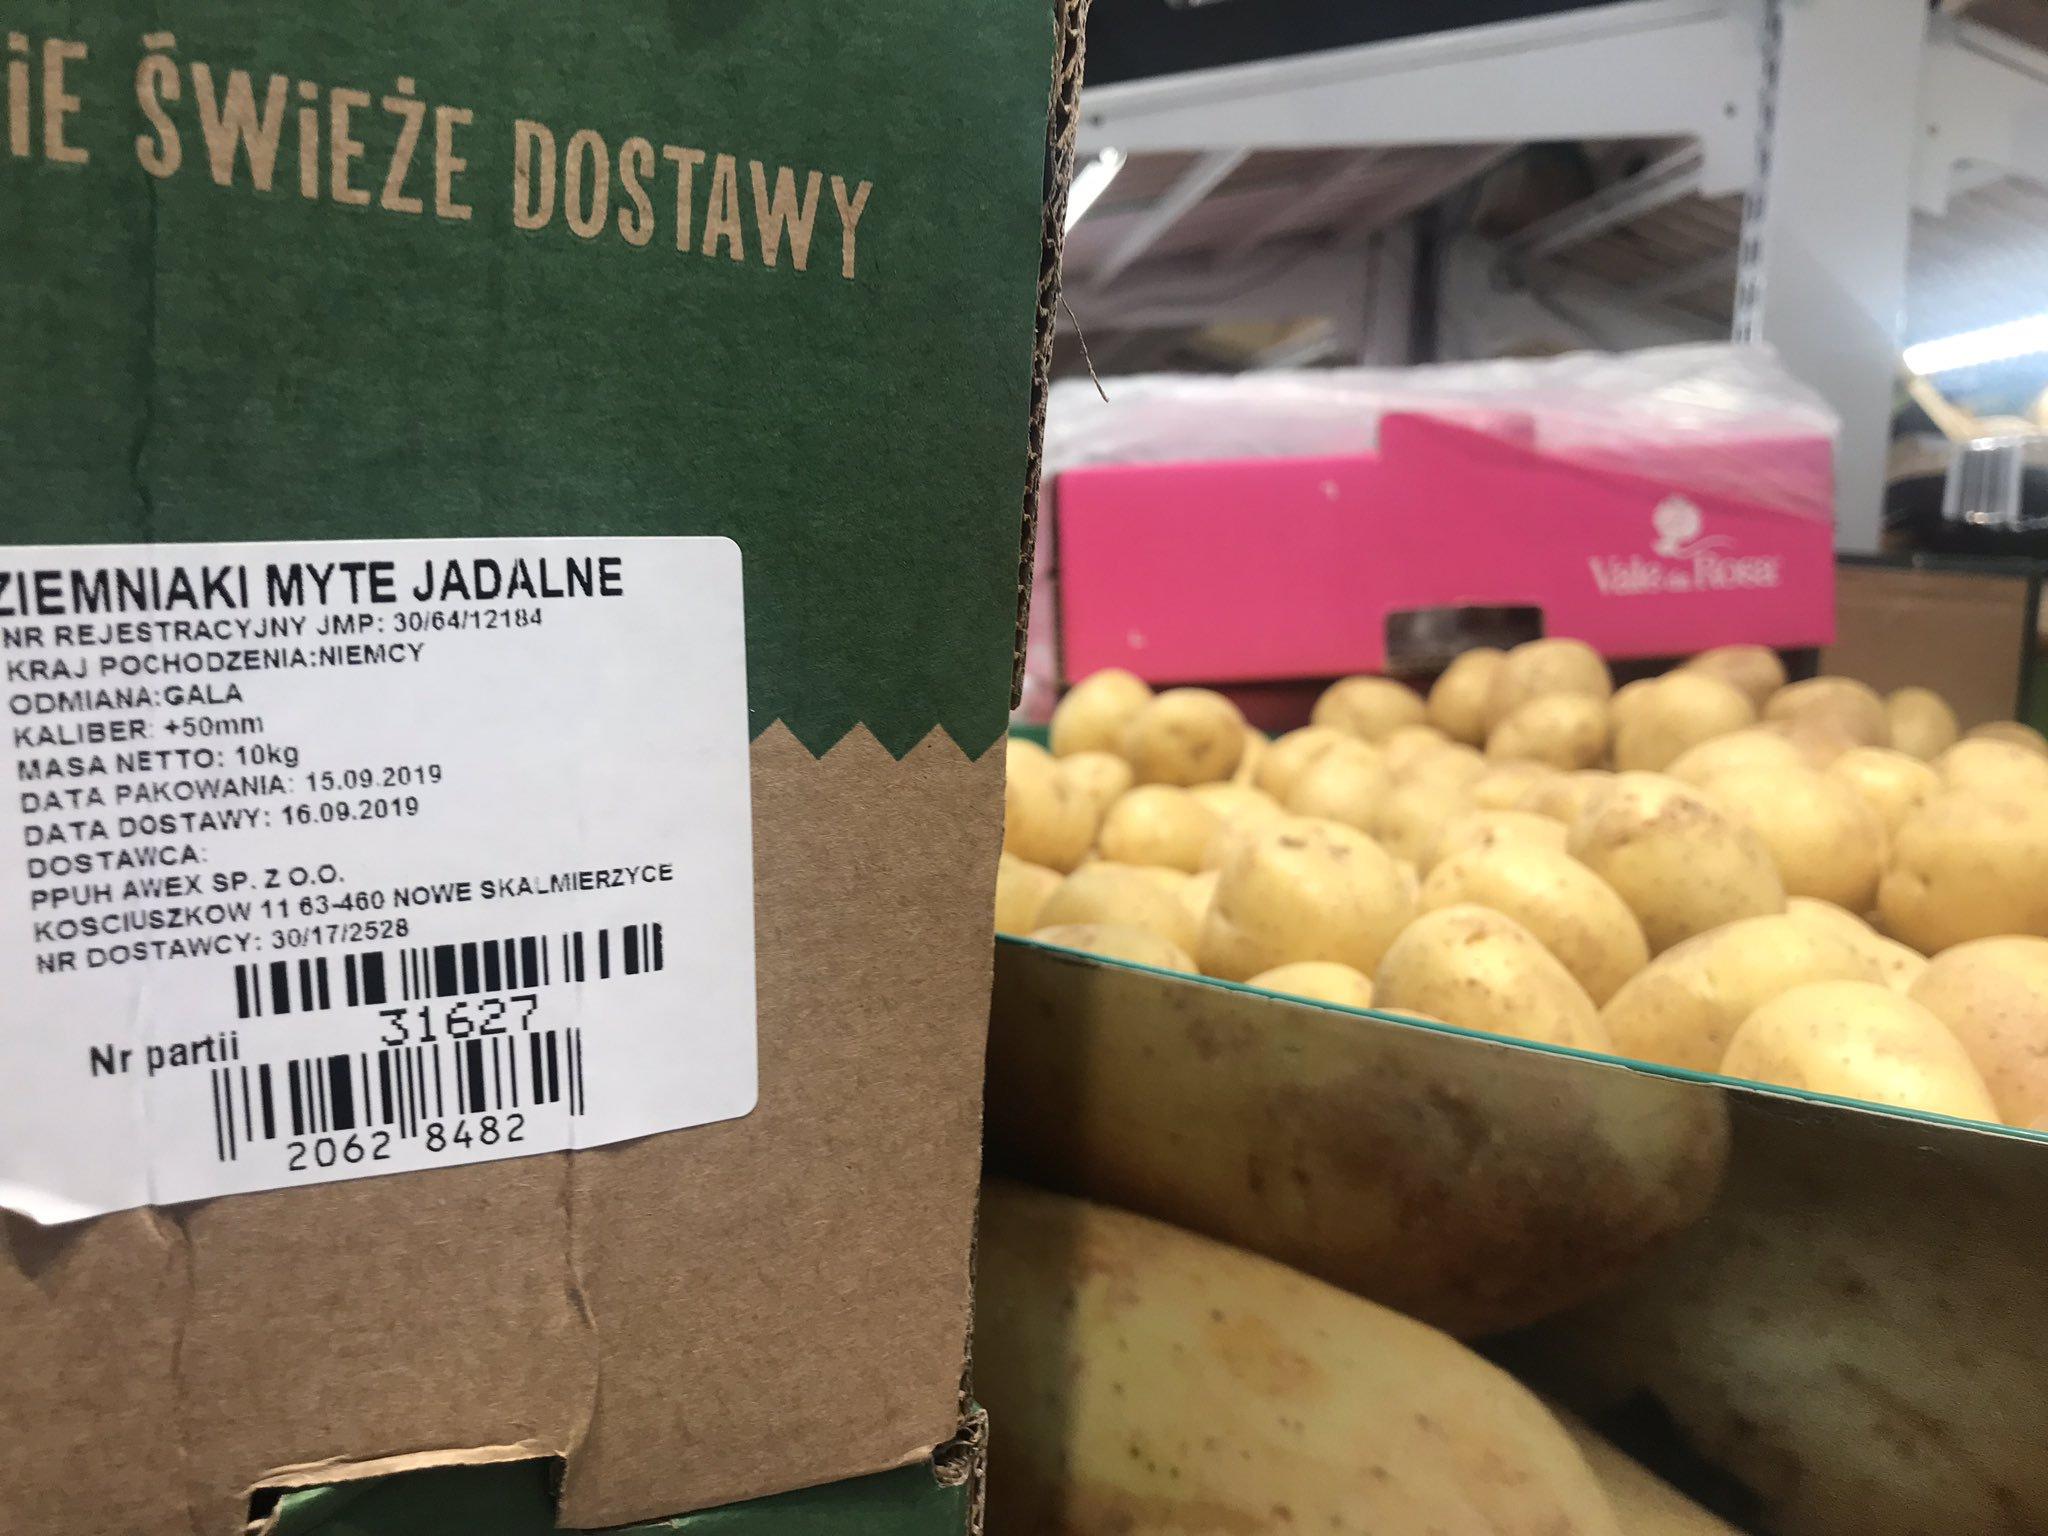 Biedronka sprzedawała ziemniaki z Niemiec jako Polskie. Rolnicy: to celowe działanie Ziemniaki Biedronka 3